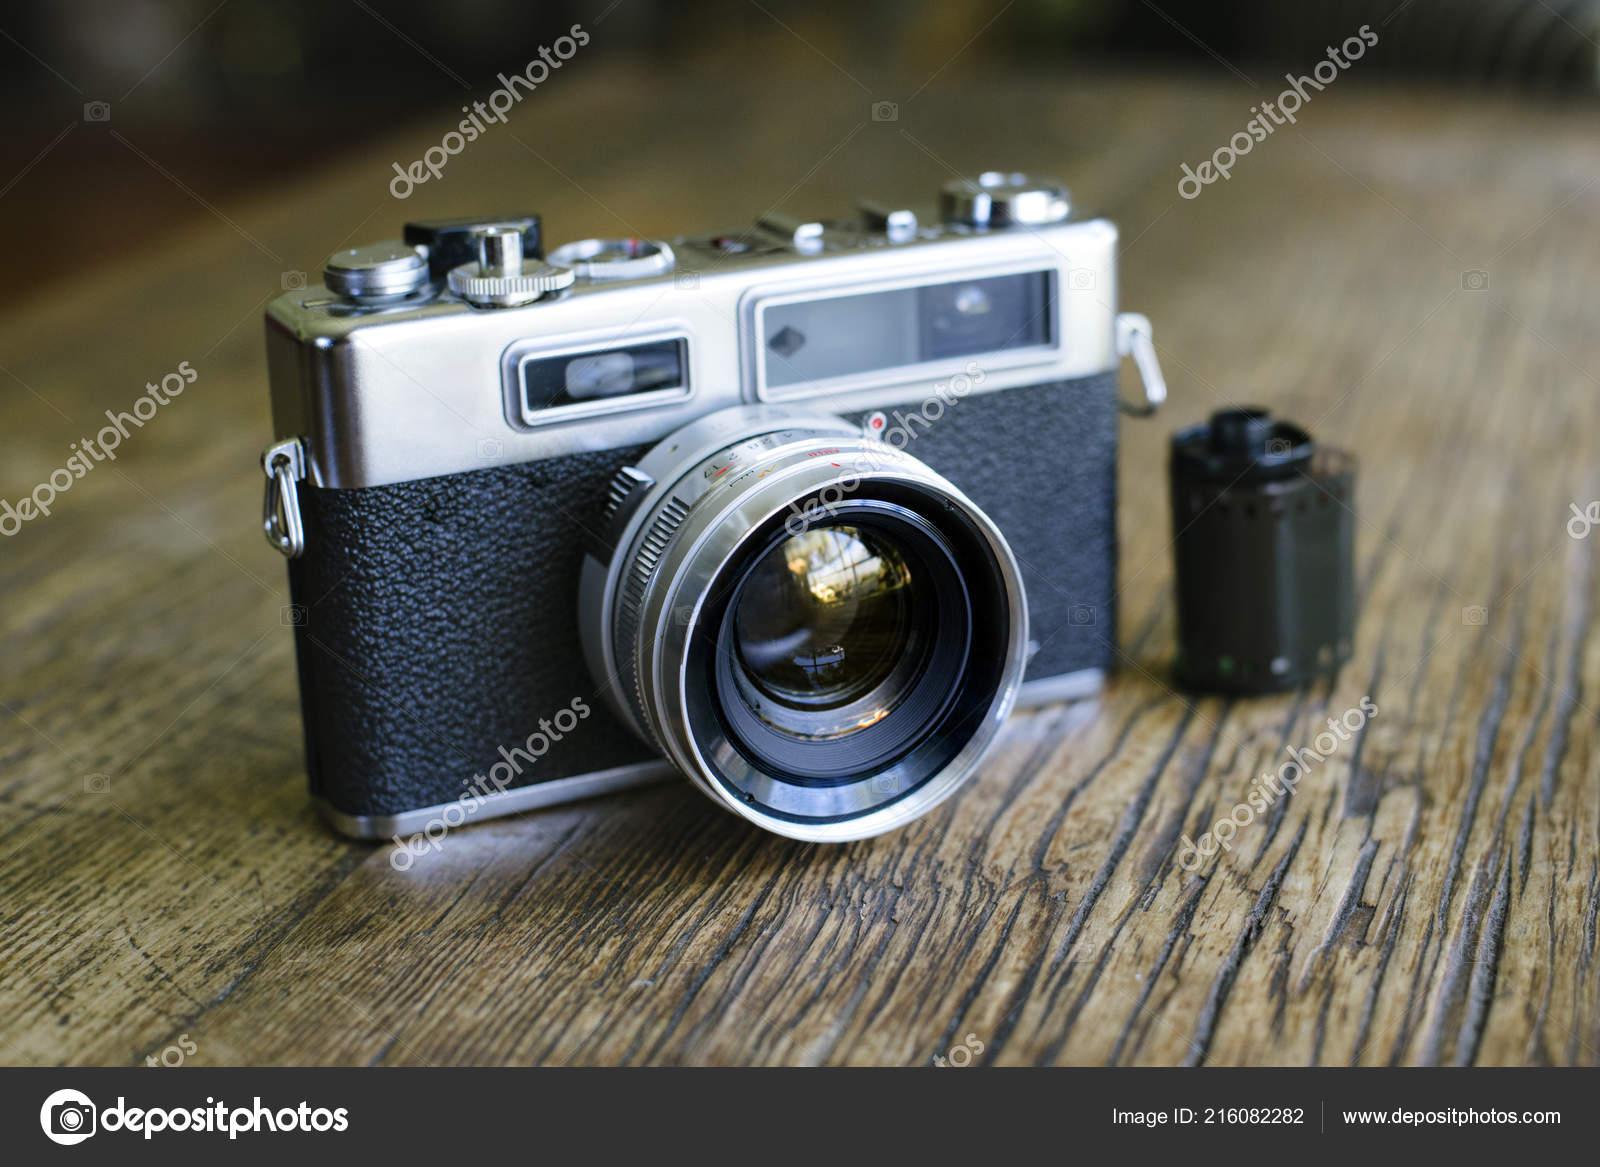 Entfernungsmesser Rangefinder : Vorderansicht eines alten entfernungsmesser filmkamera mit einer